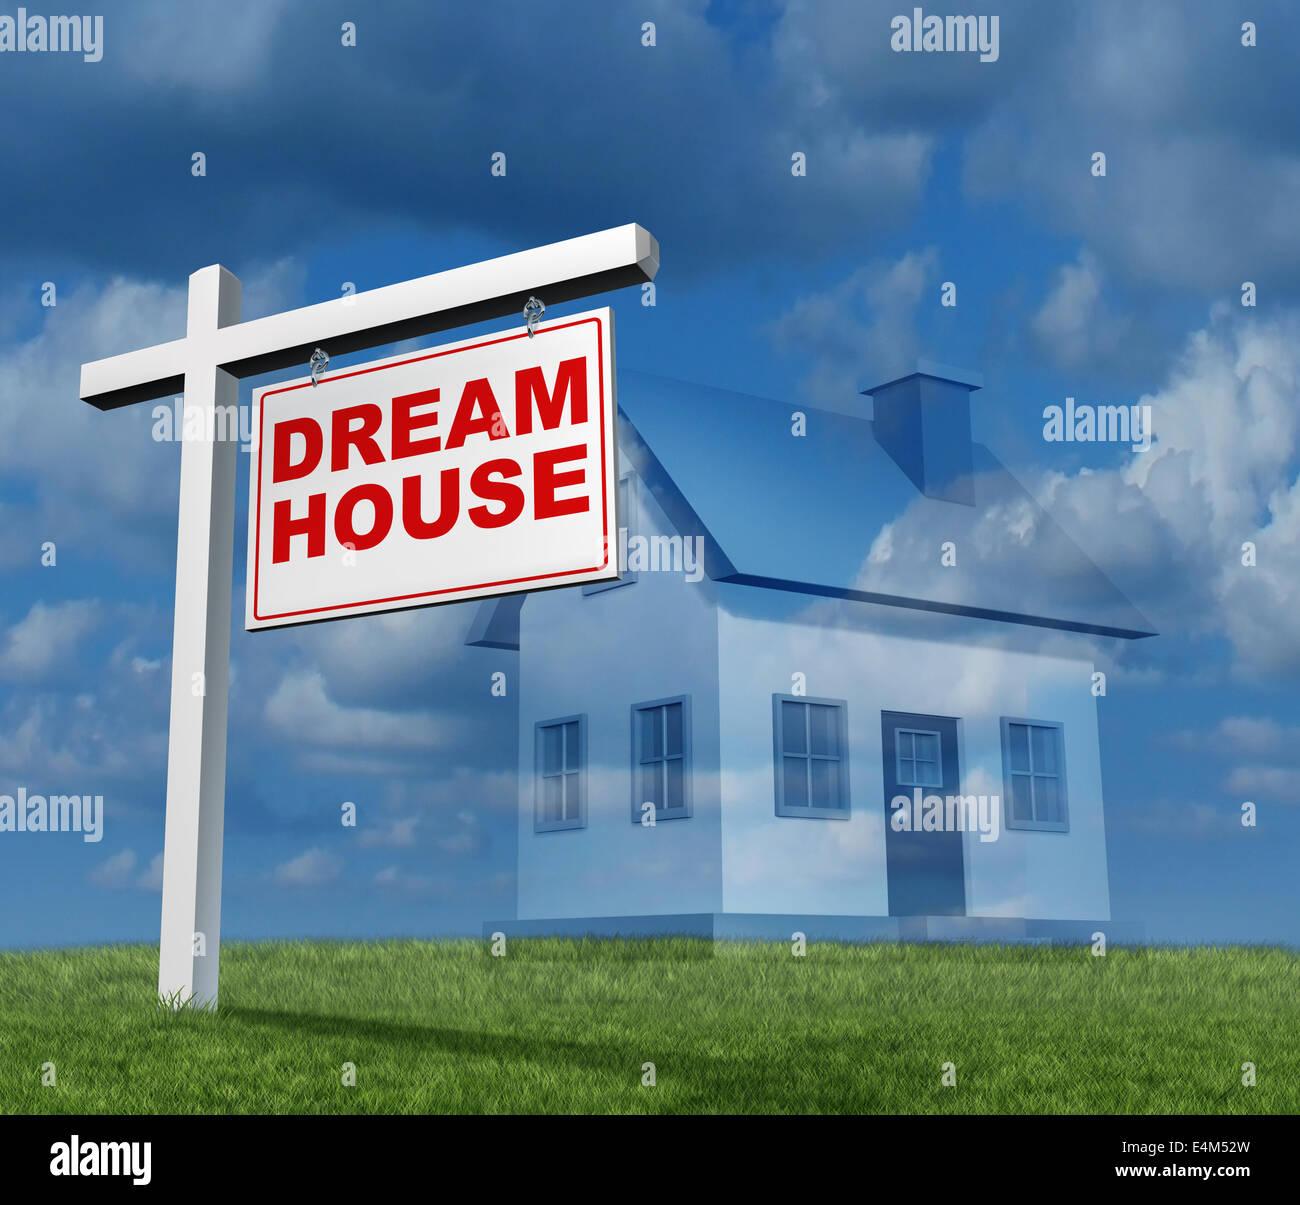 Dream House nozione come un bene immobiliare segno con una sola famiglia home imaginationas un piano o aspirazione Immagini Stock